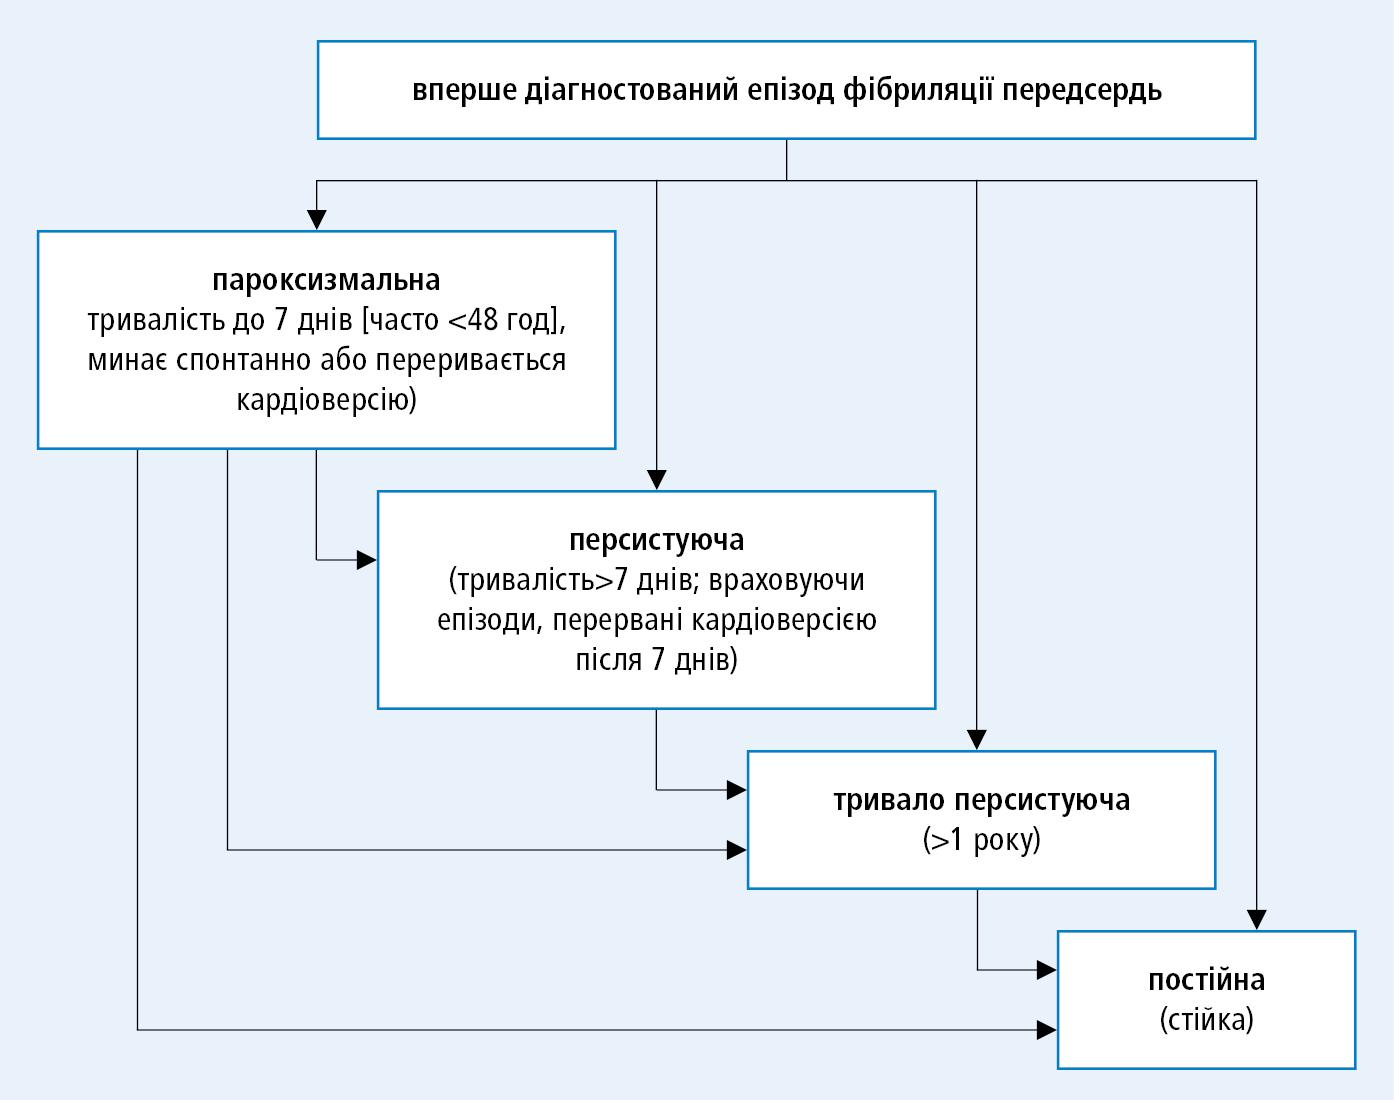 Класифікація фібриляції передсердь